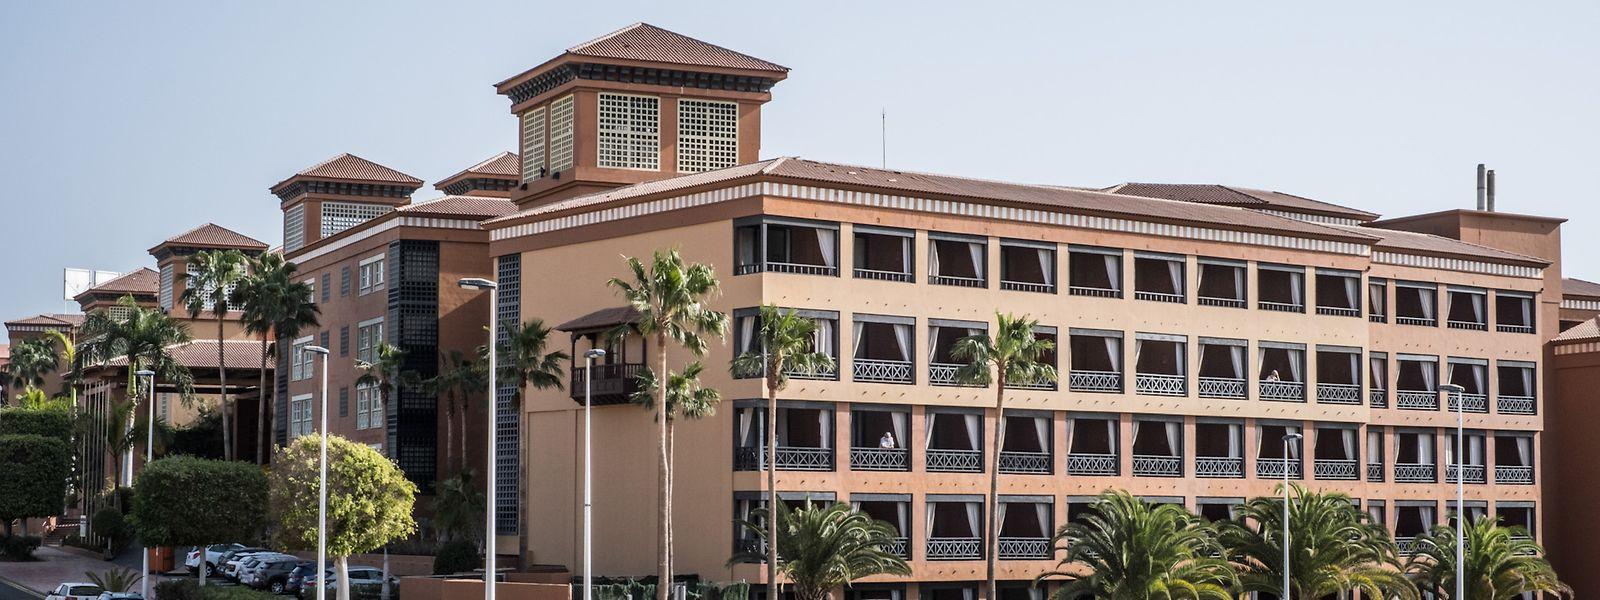 Das unter Quarantäne gestellte Hotel auf Teneriffa war zwei Wochen lang abgeriegelt.